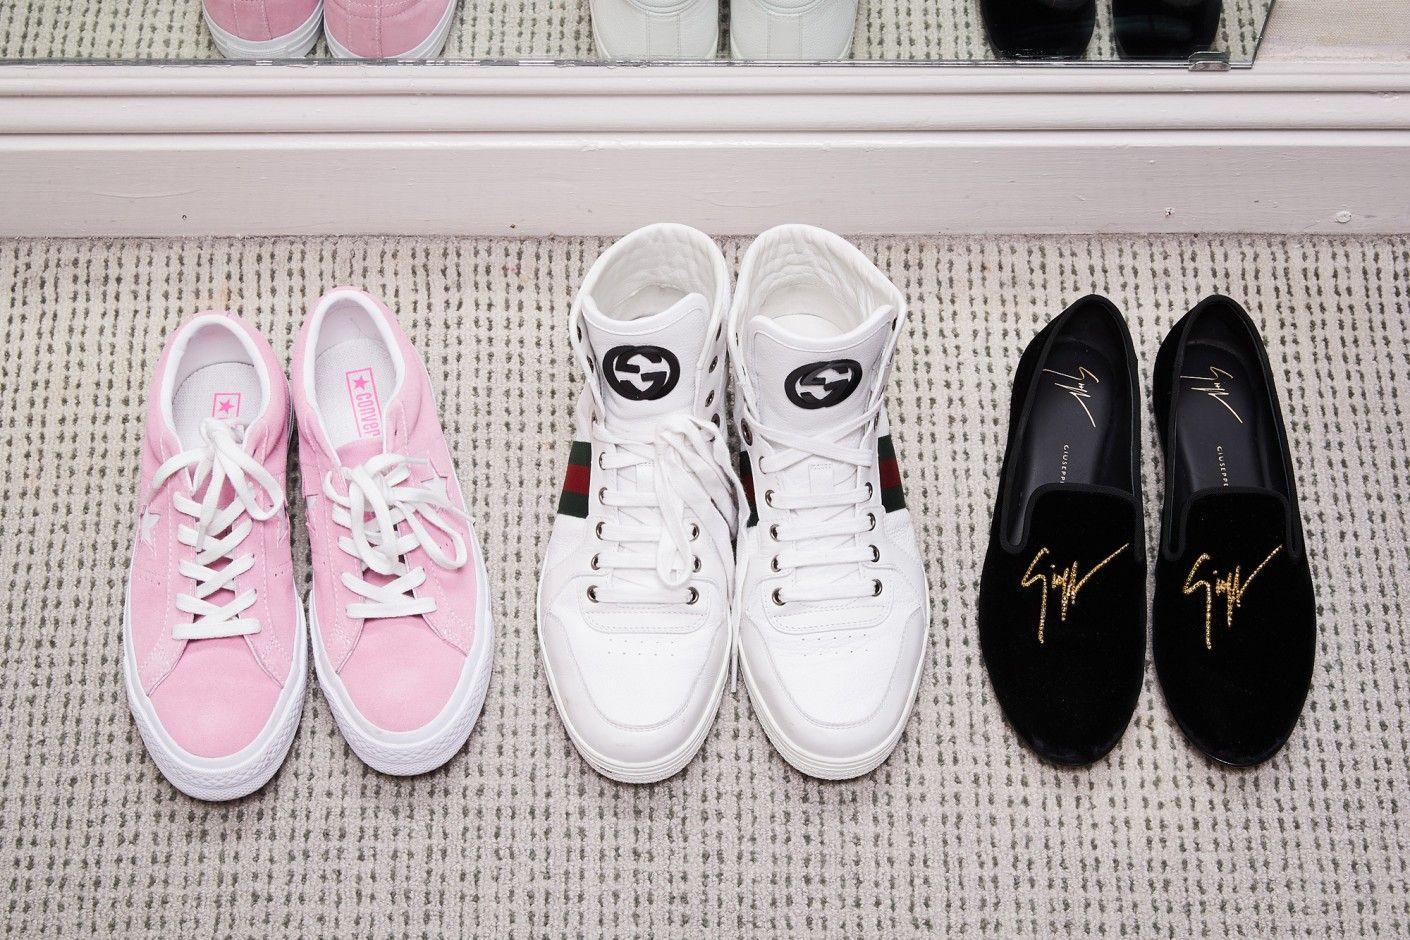 noah schnapp sneakers